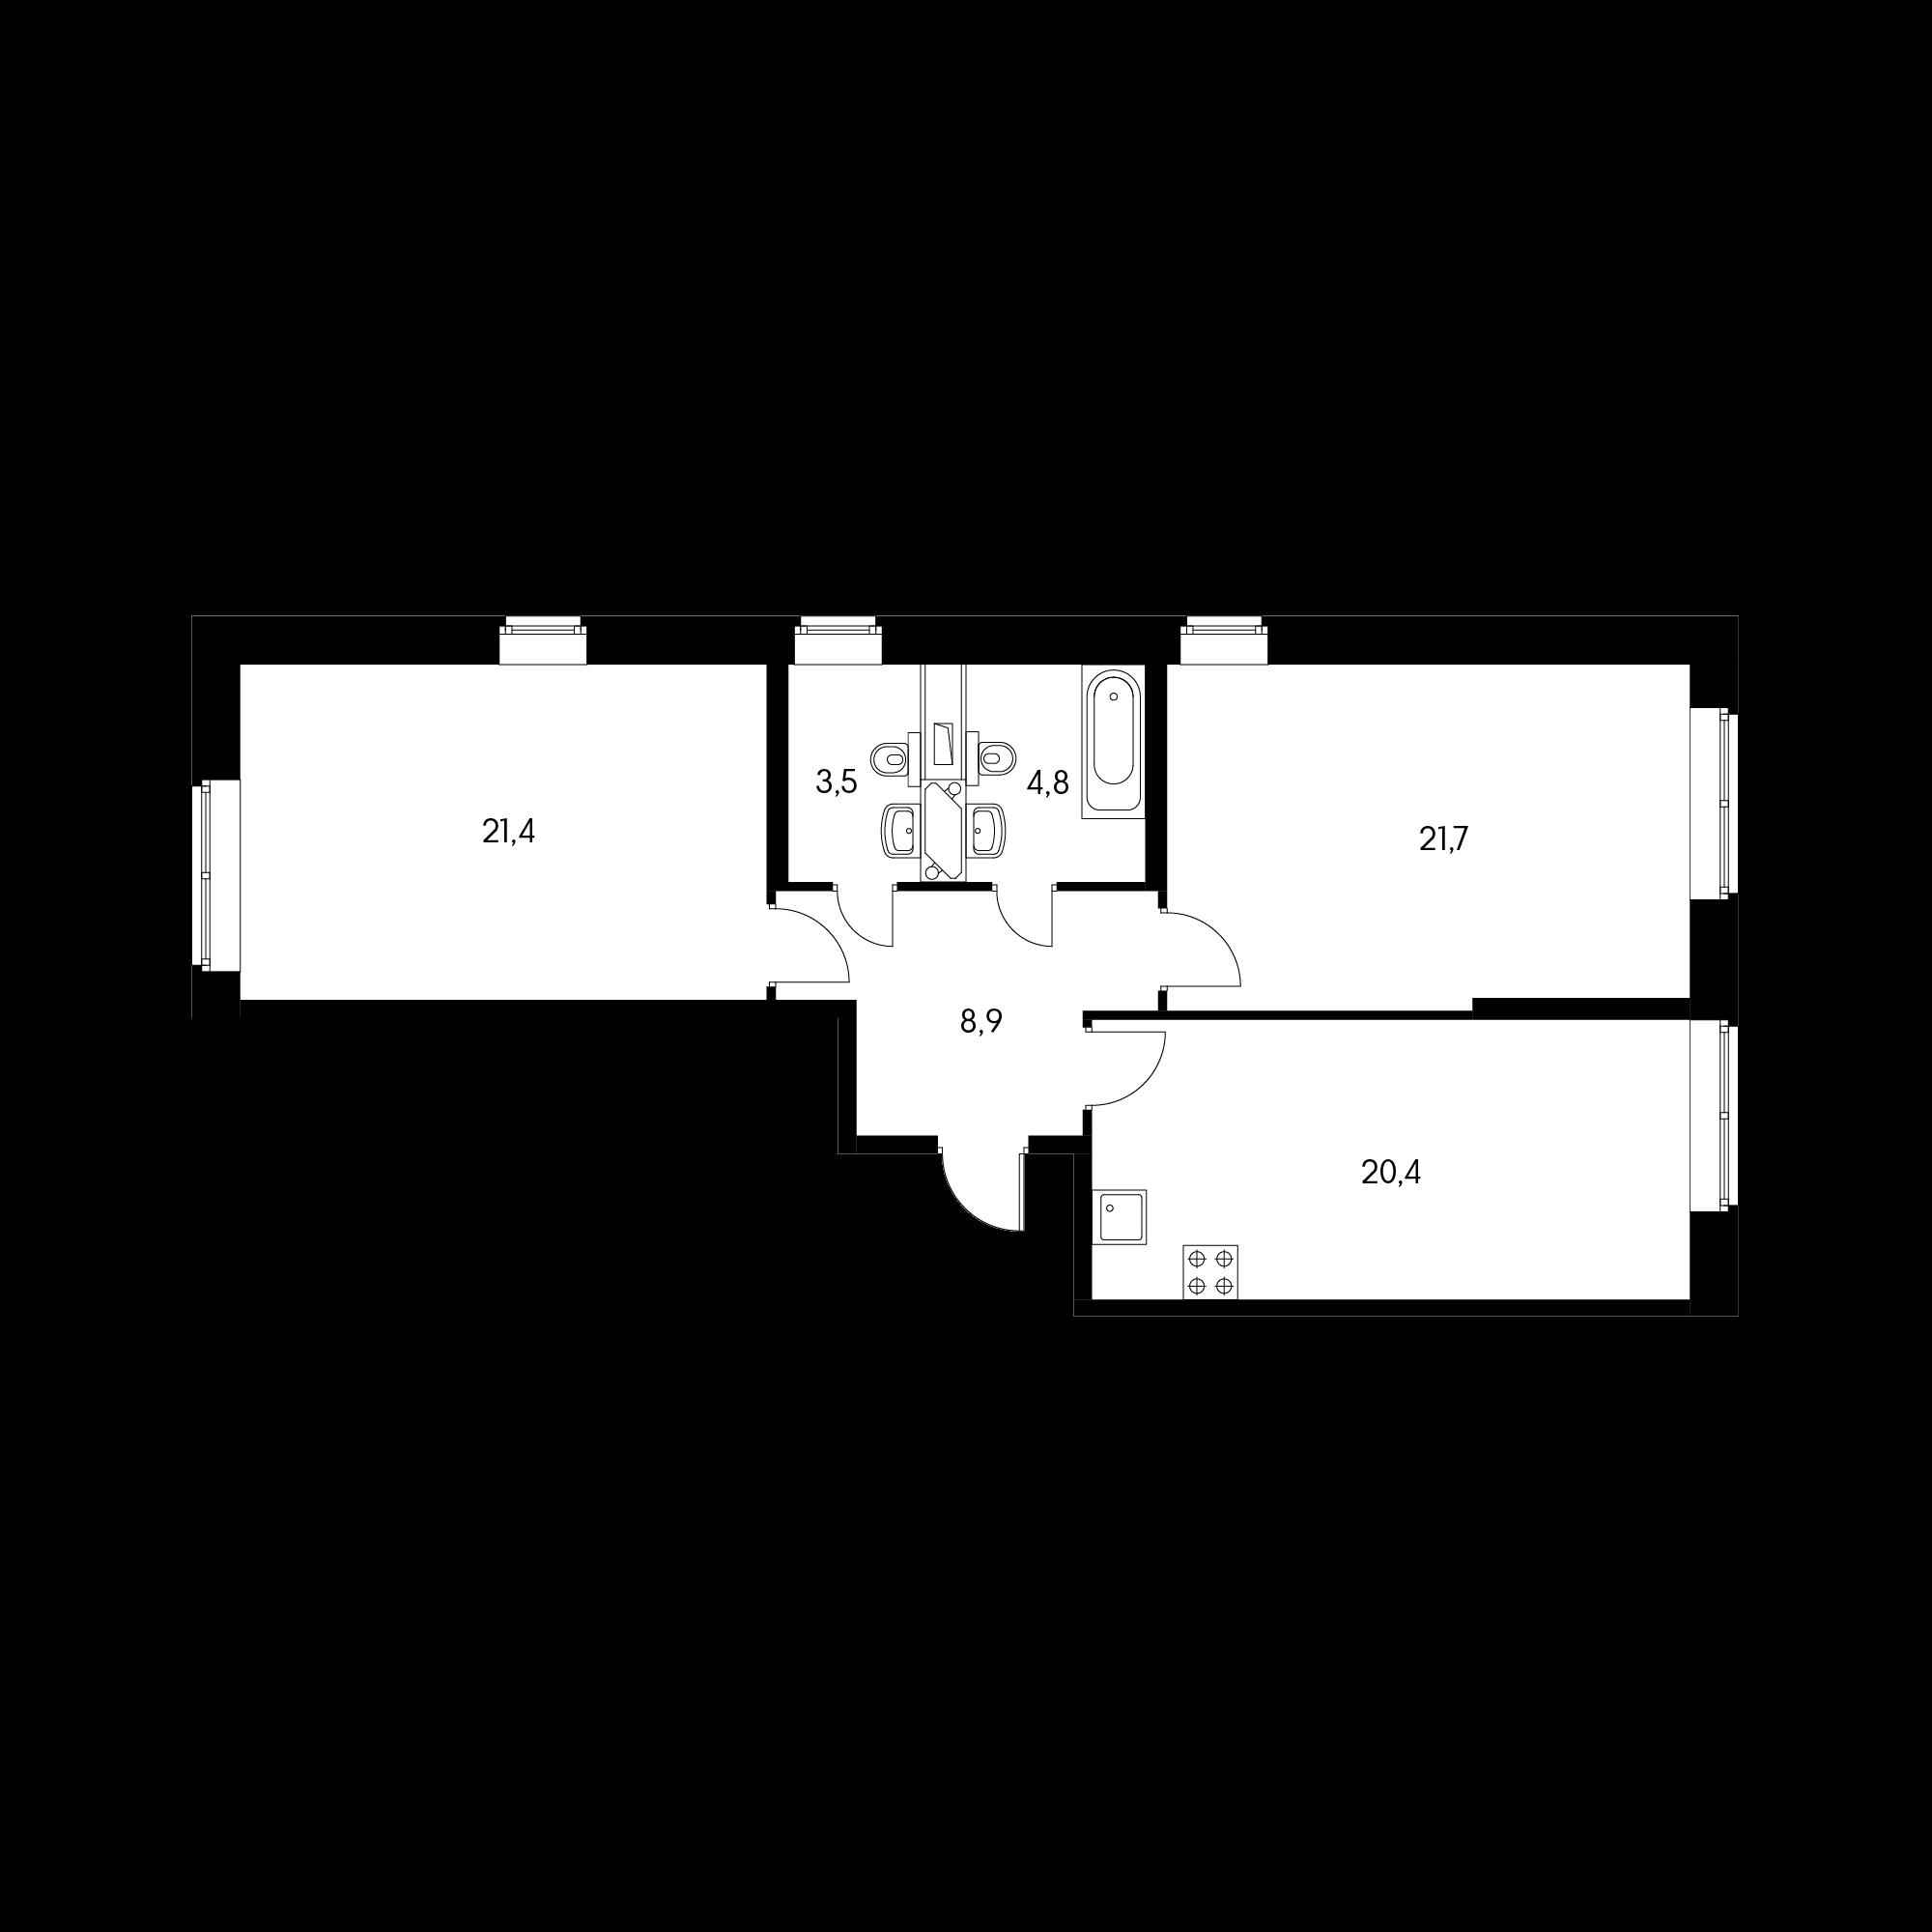 2EL3_6.6-1_T22